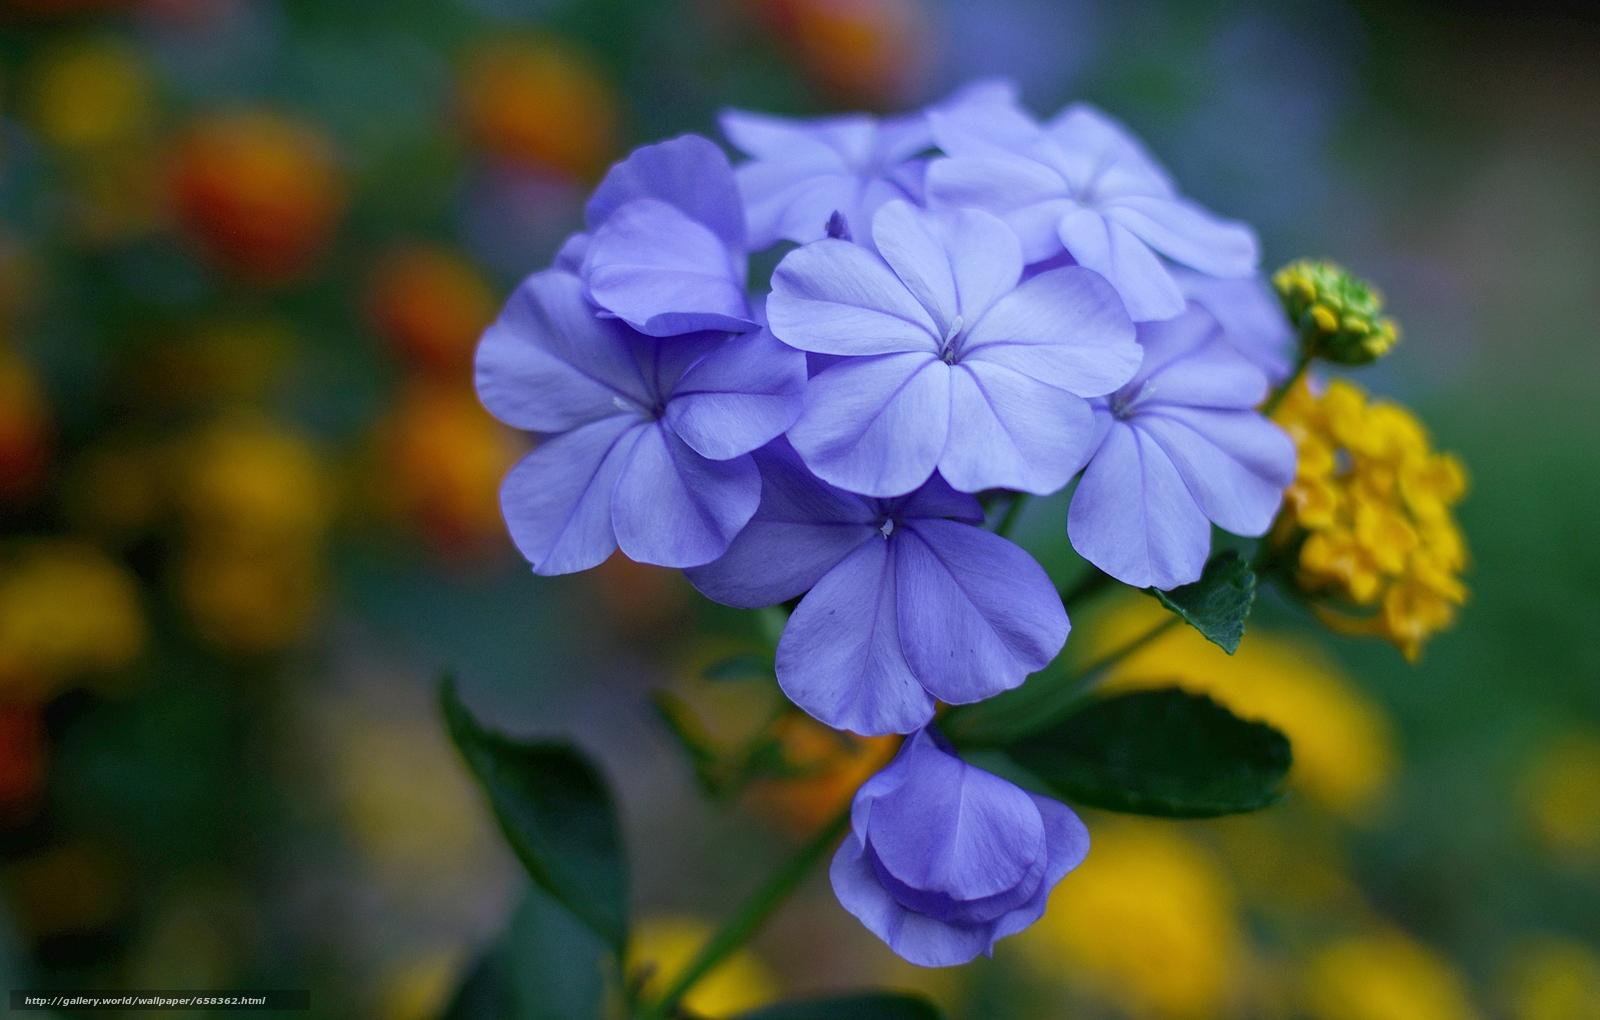 Скачать обои цветок,  цветы,  флора бесплатно для рабочего стола в разрешении 4582x2922 — картинка №658362